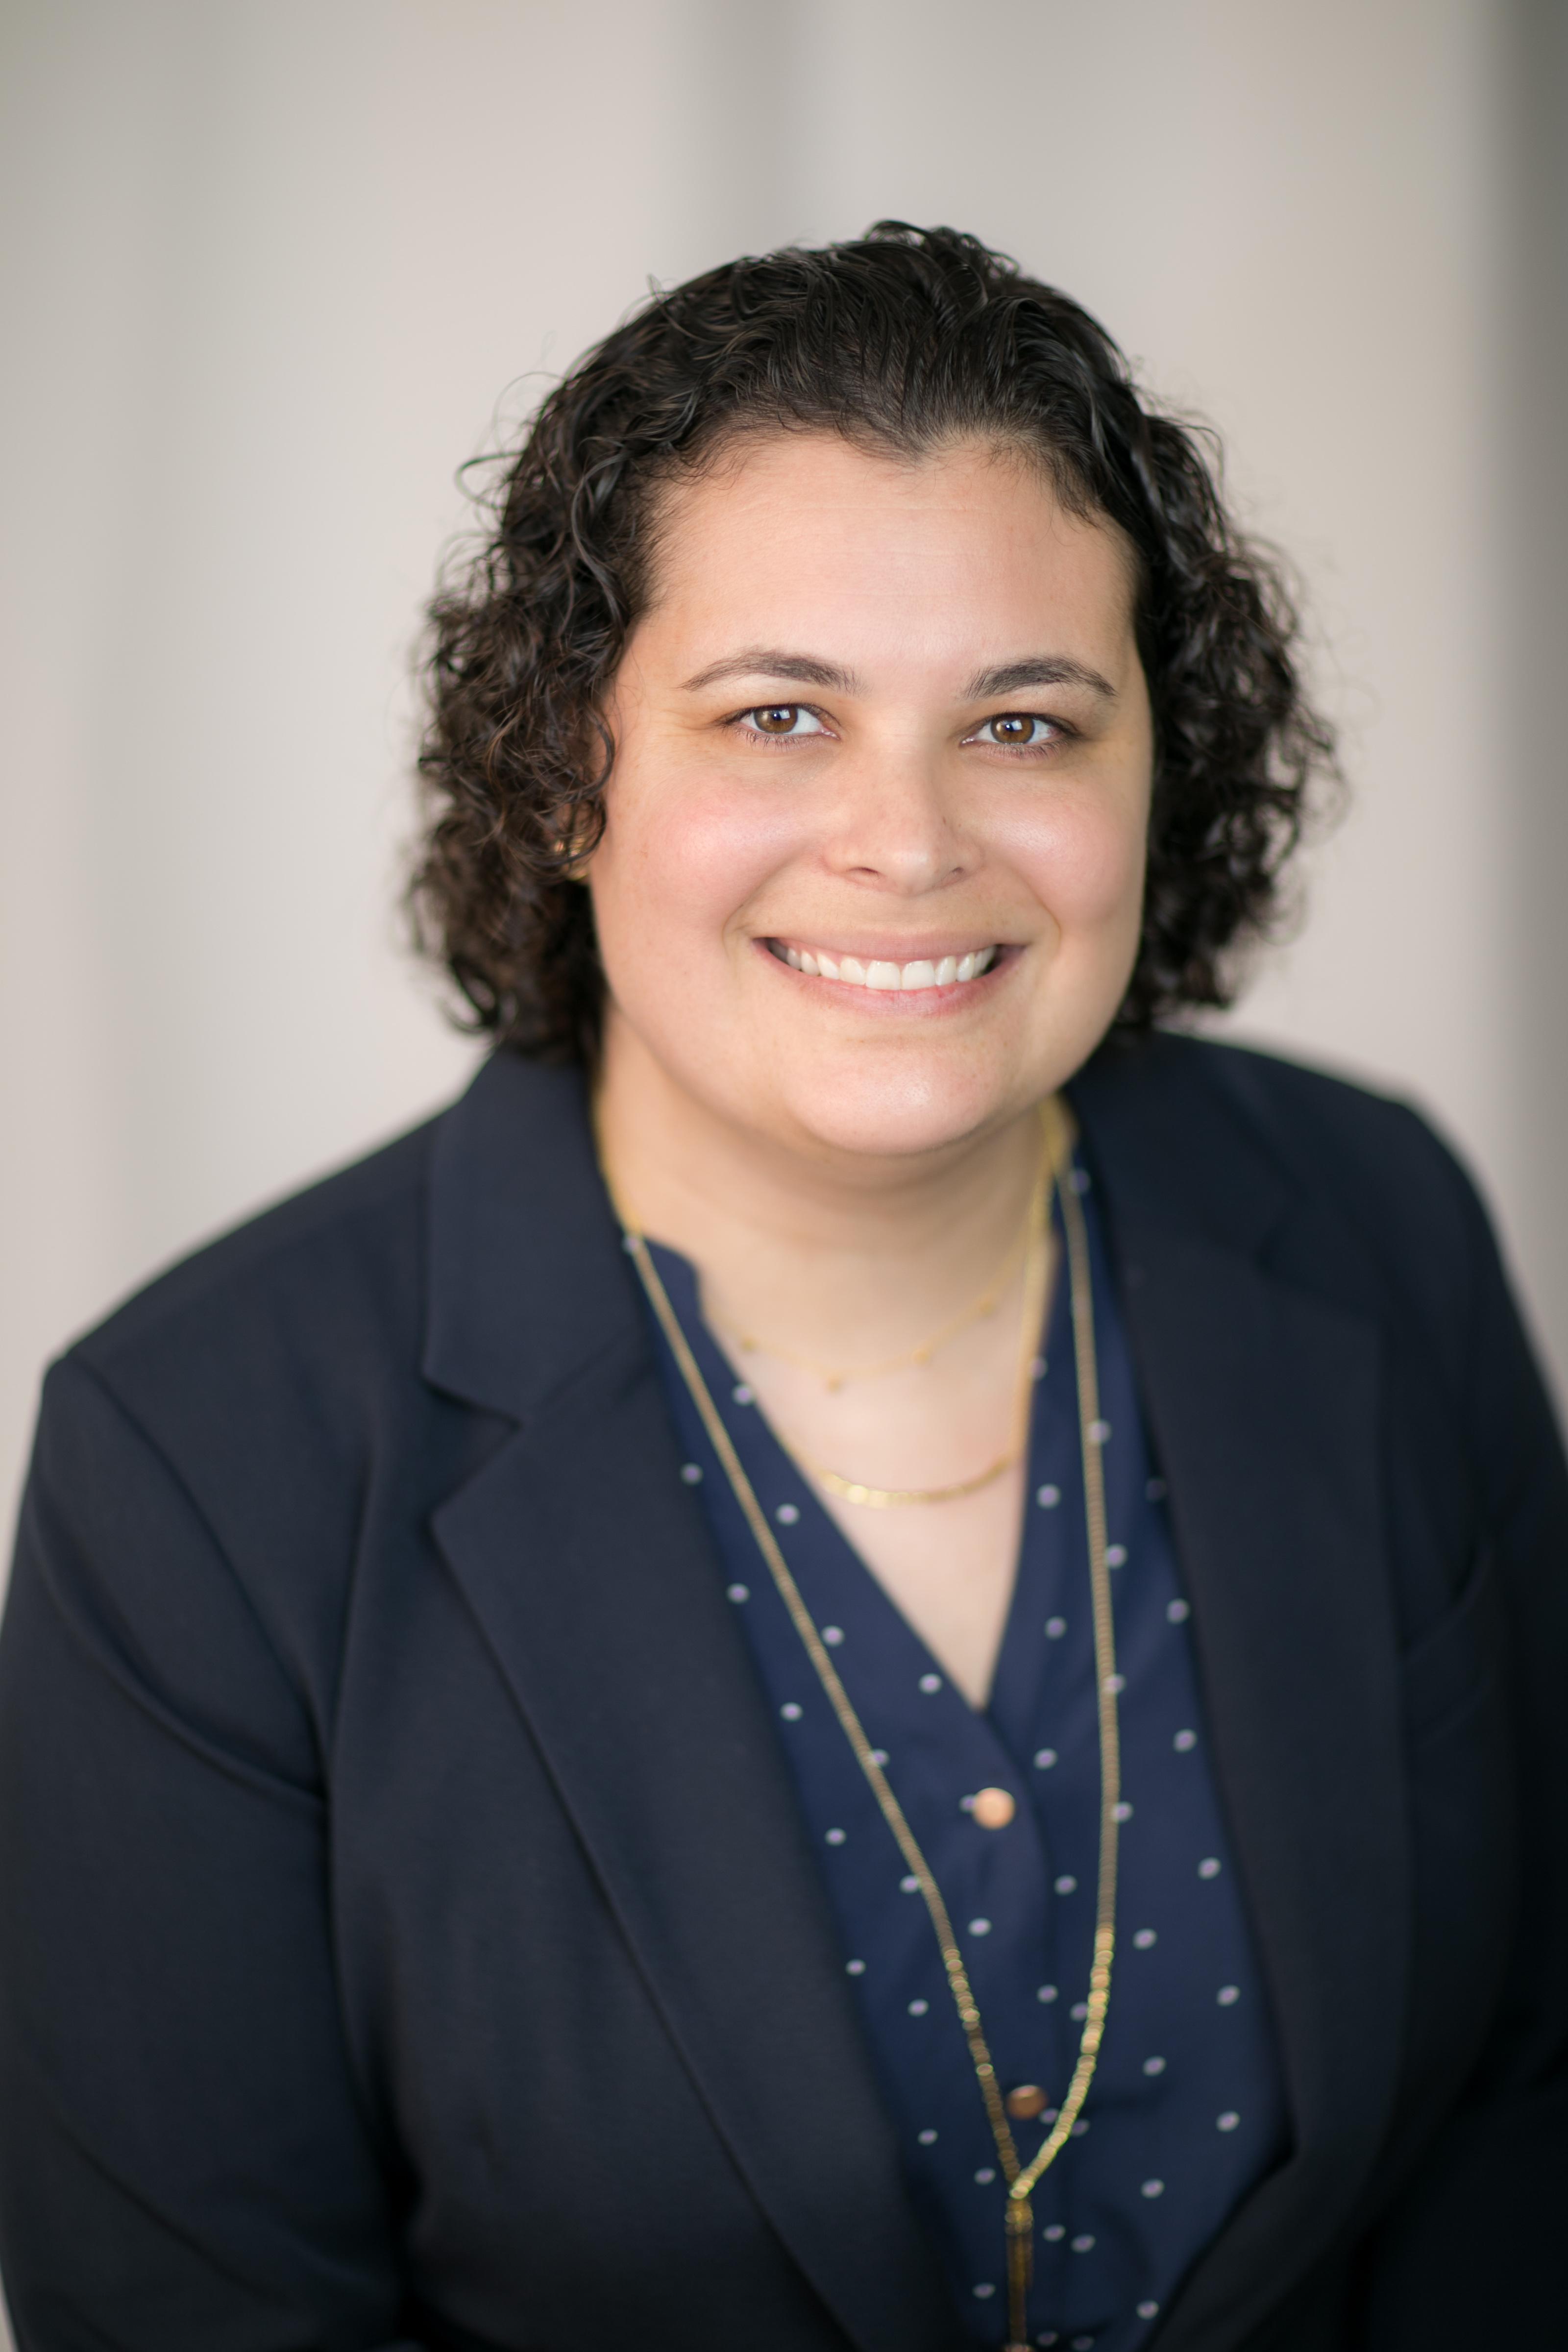 Dr. Veronica P. Medina